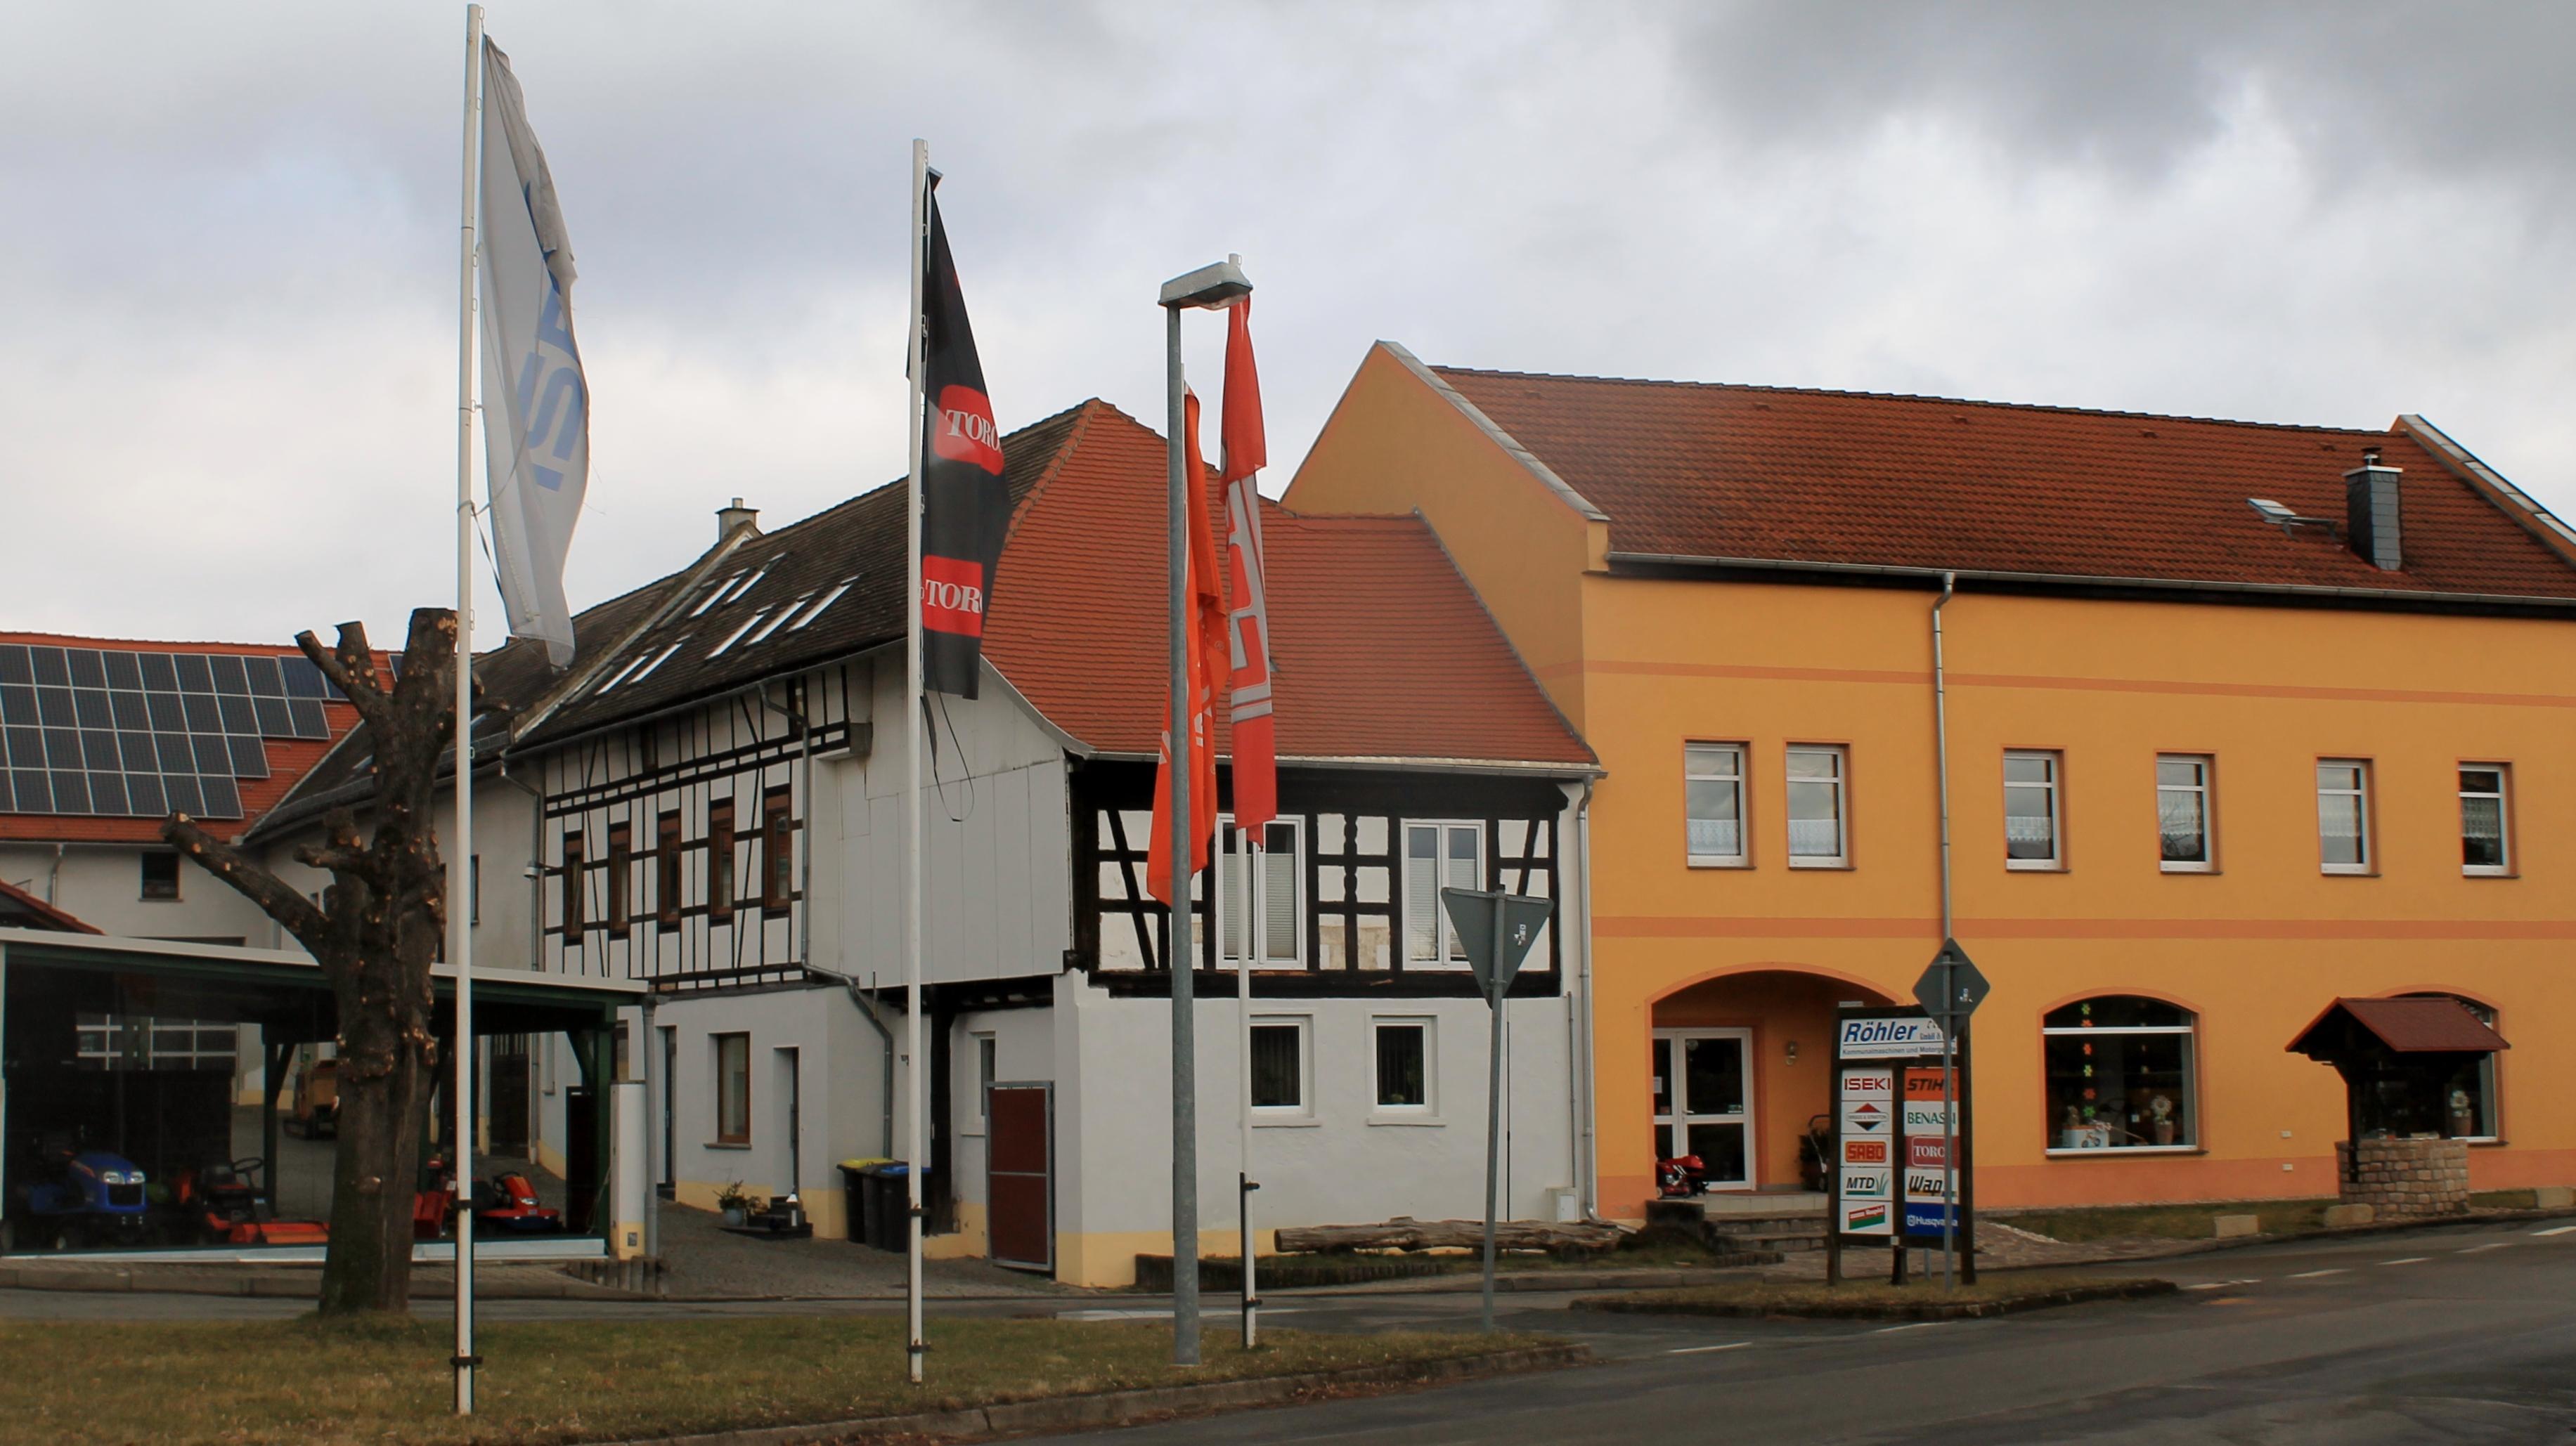 Röhler Kommunalmaschinen und Motorgeräte GmbH & Co. KG